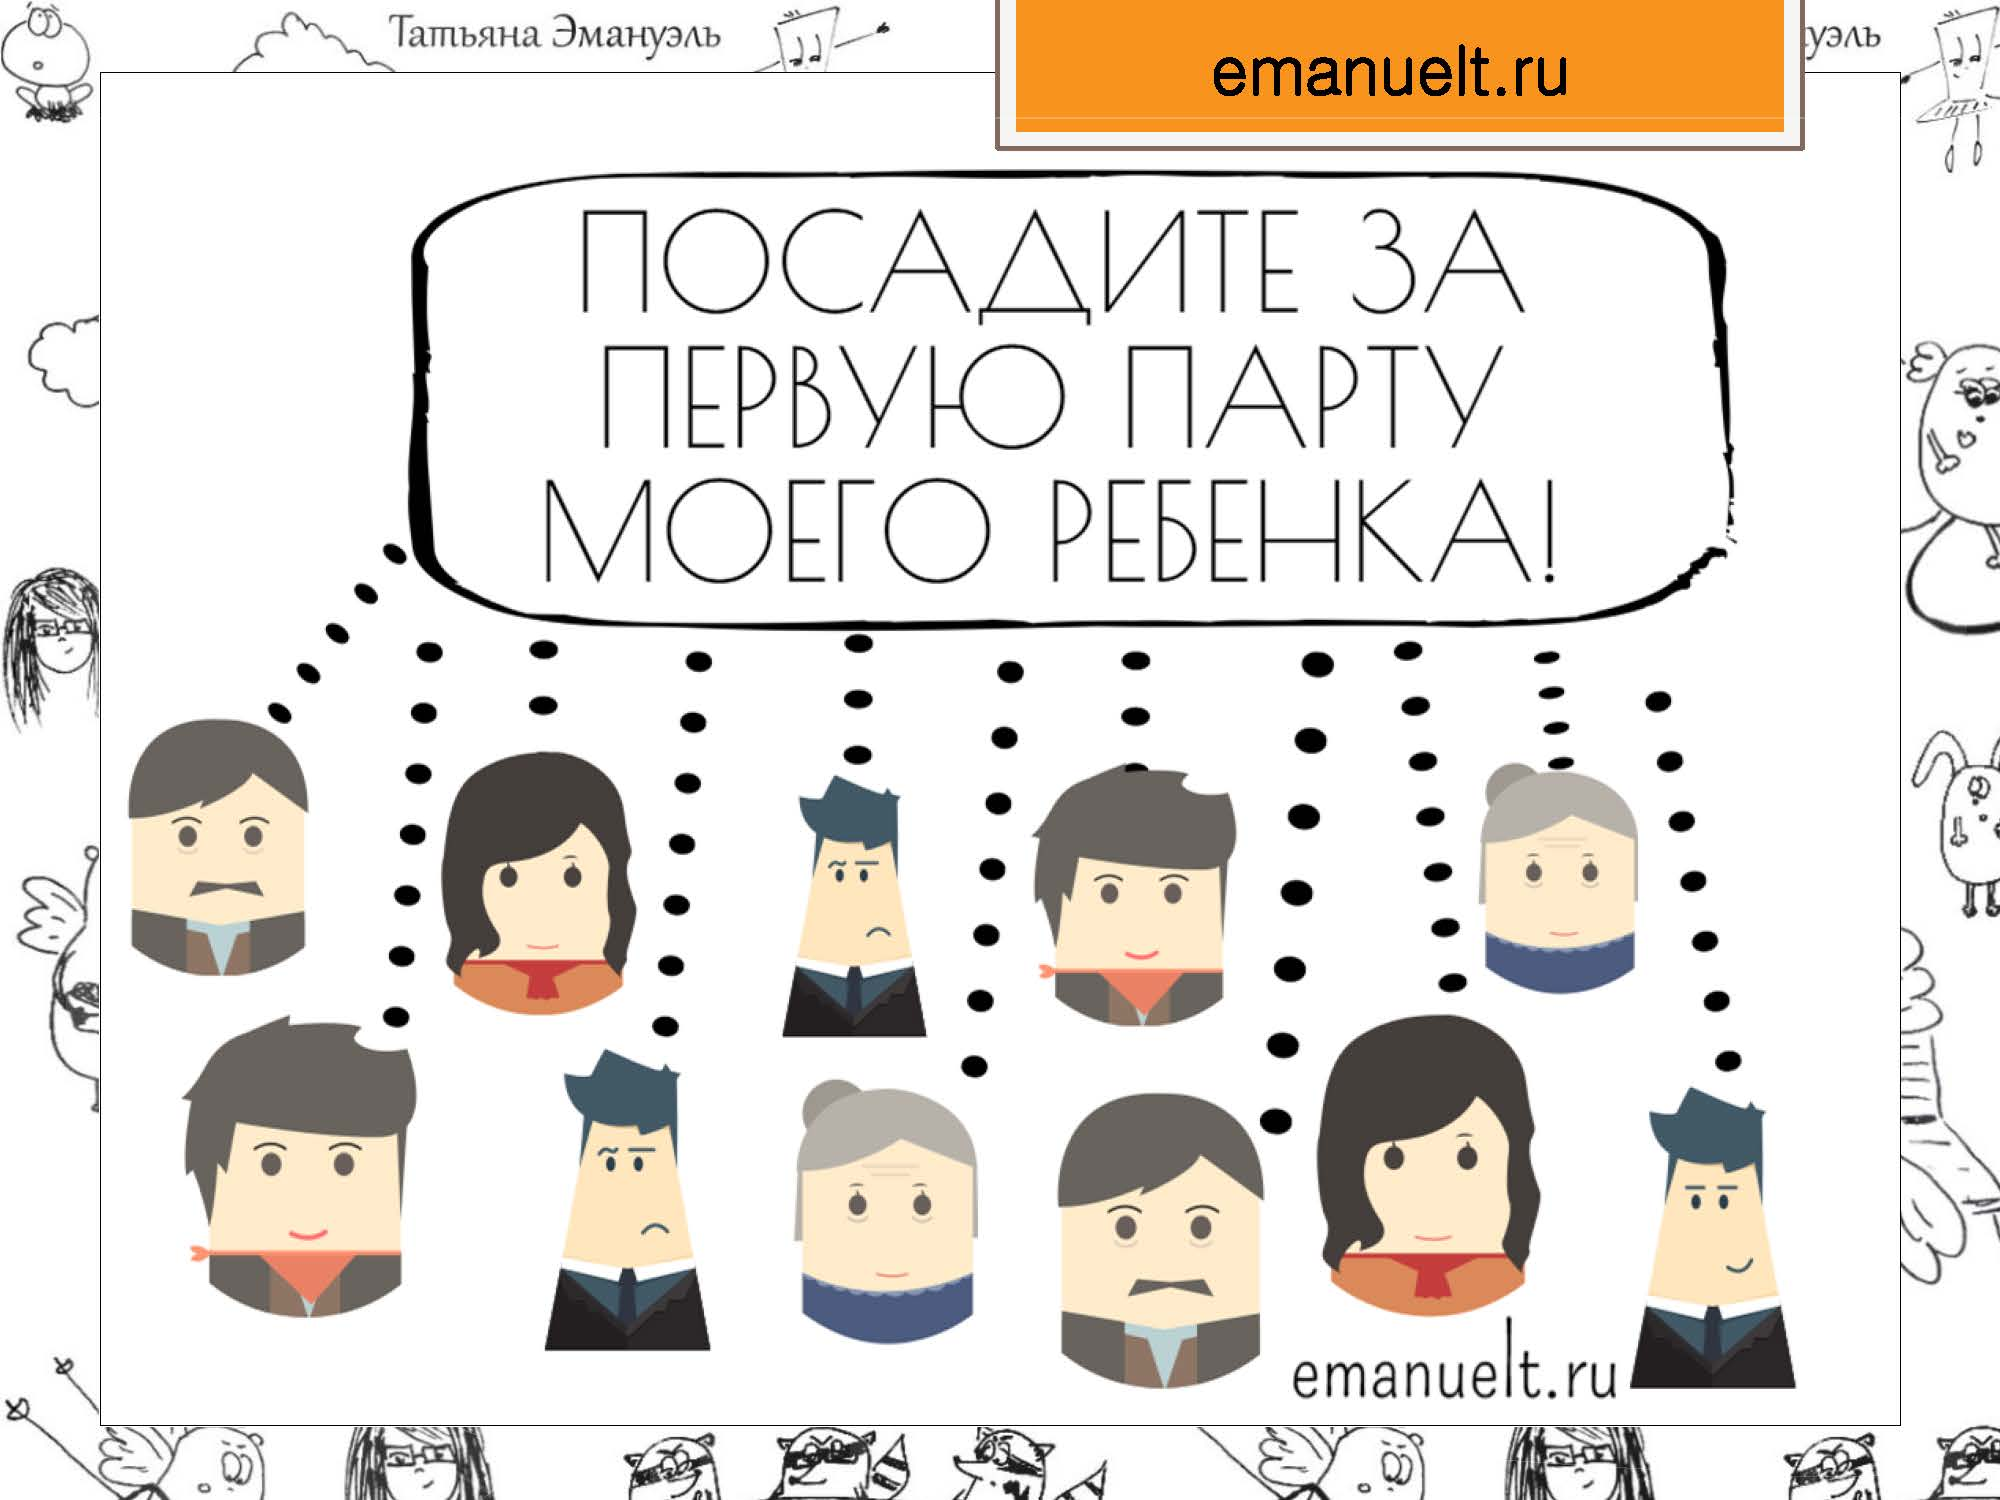 секция 8. Эмануэль Т.С., Московский район_Страница_57